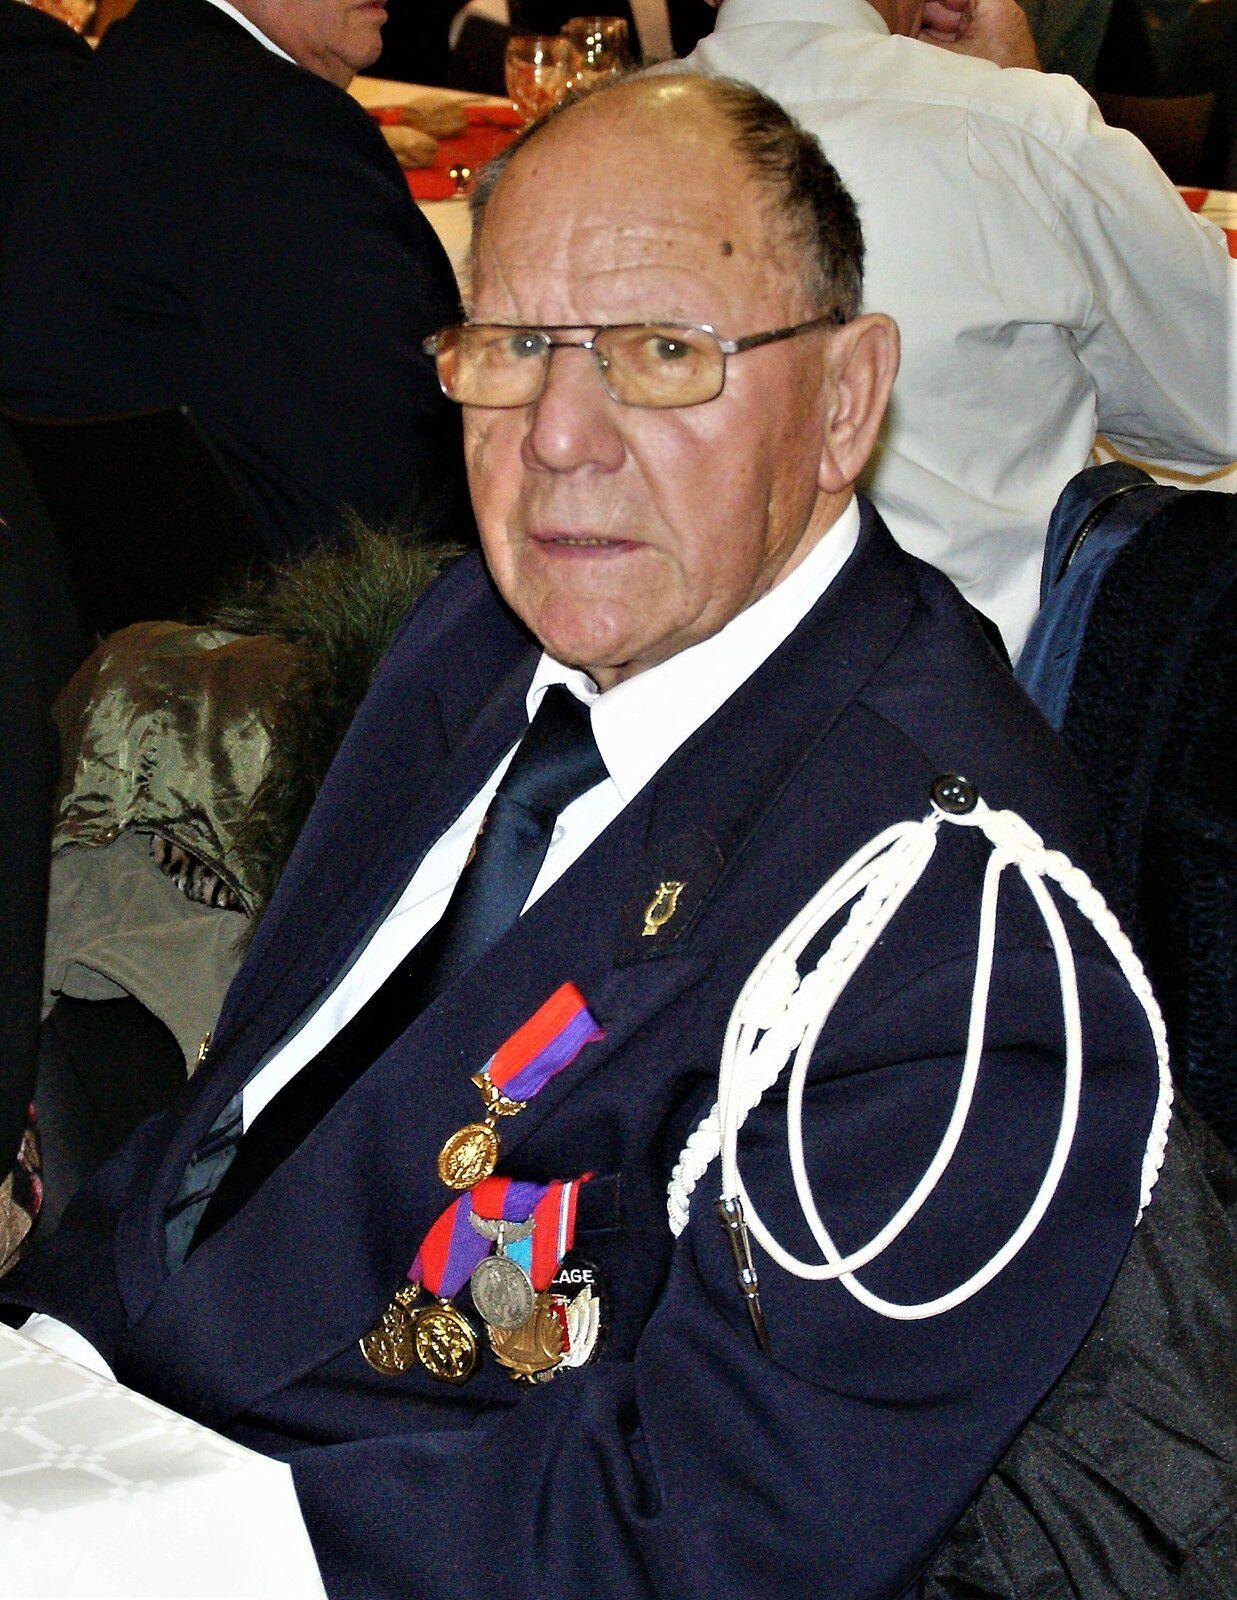 Décès de notre ami Gérard SERREAU, ancien membre du CMB